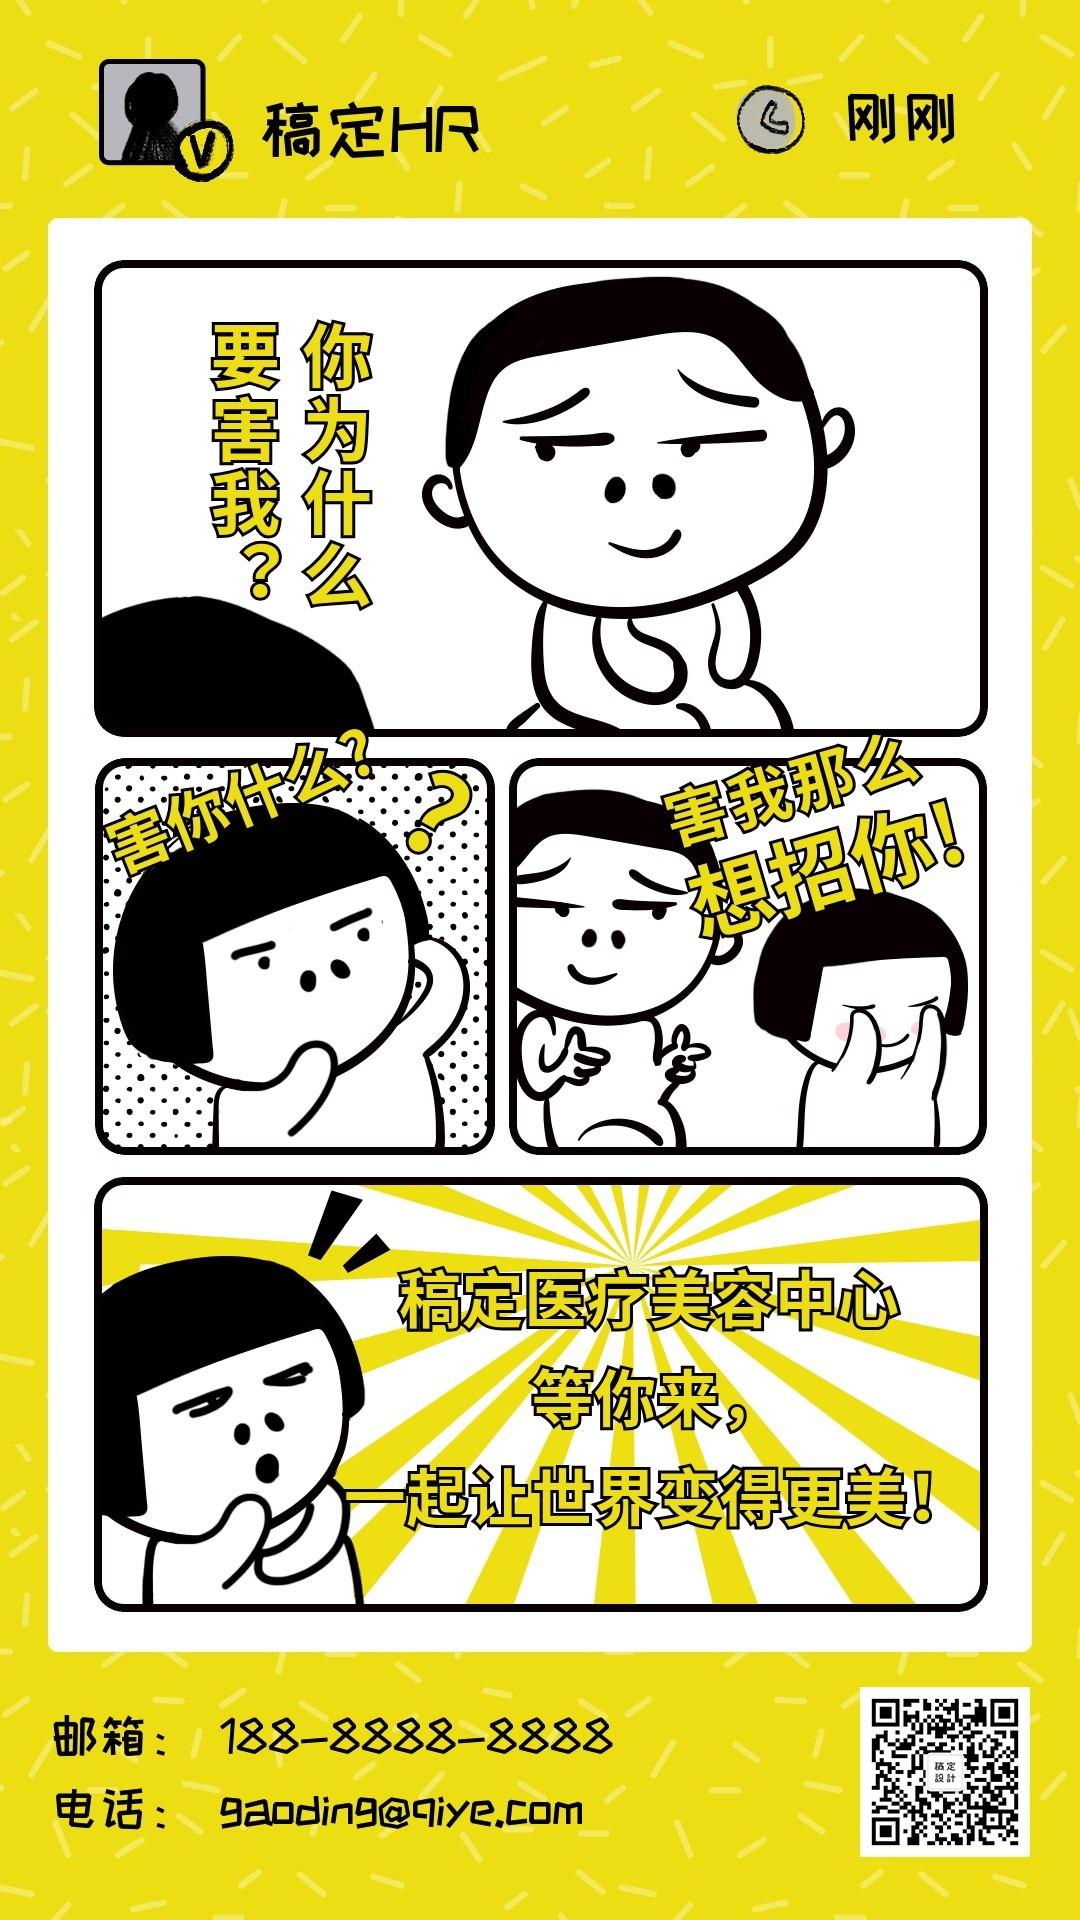 趣味漫画对话招聘海报